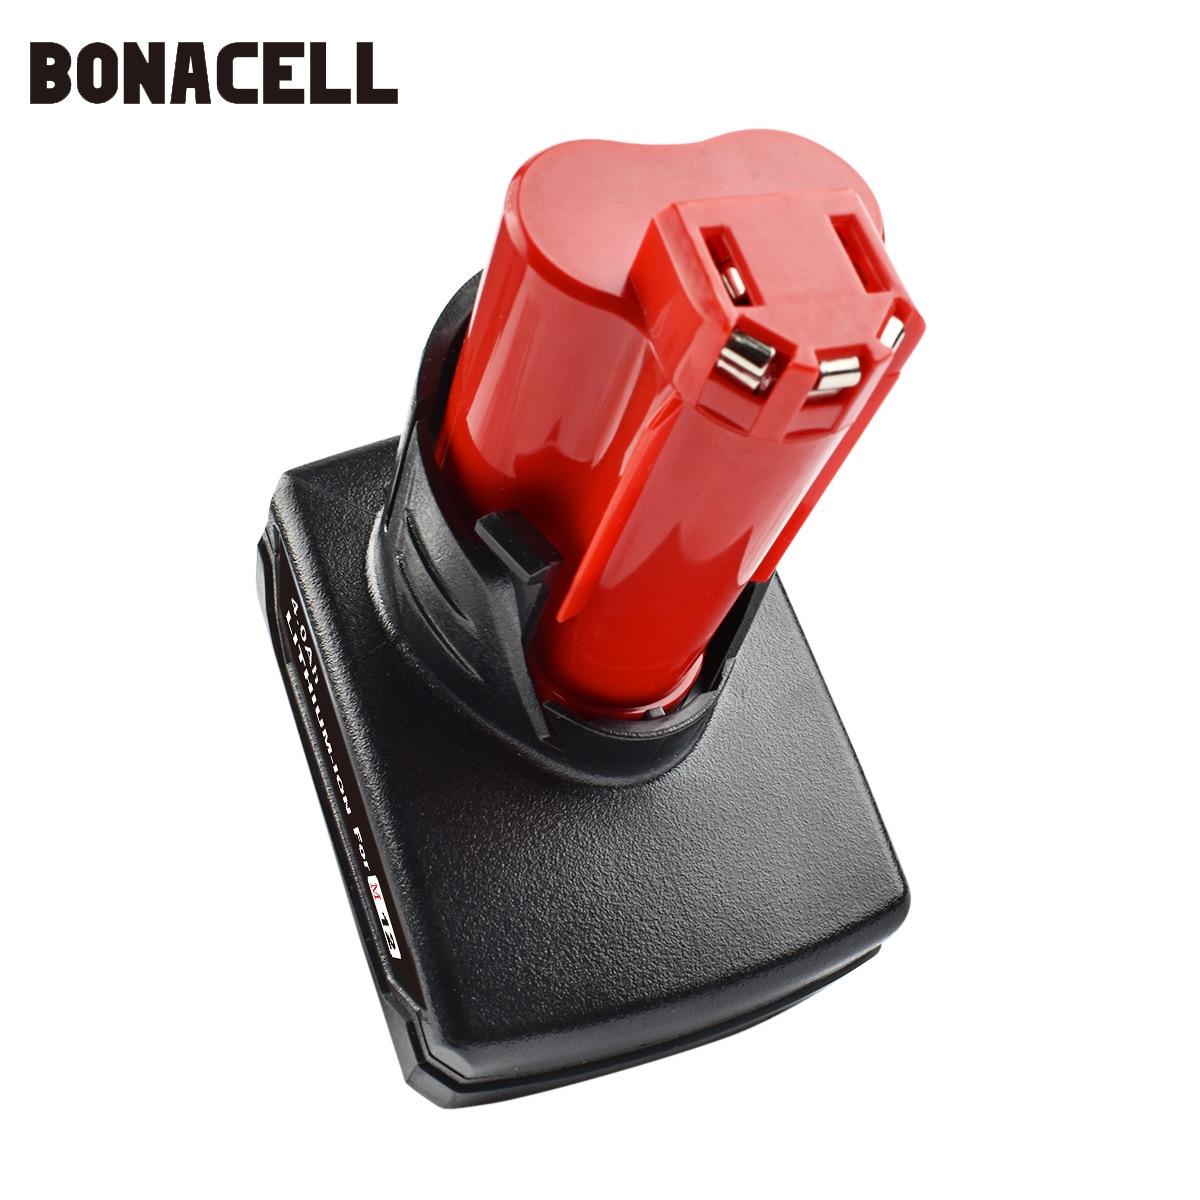 Bonacell 4000mAh 12V para Milwaukee M12 herramienta eléctrica batería recargable de iones de litio batería de repuesto L30 batería de herramienta eléctrica